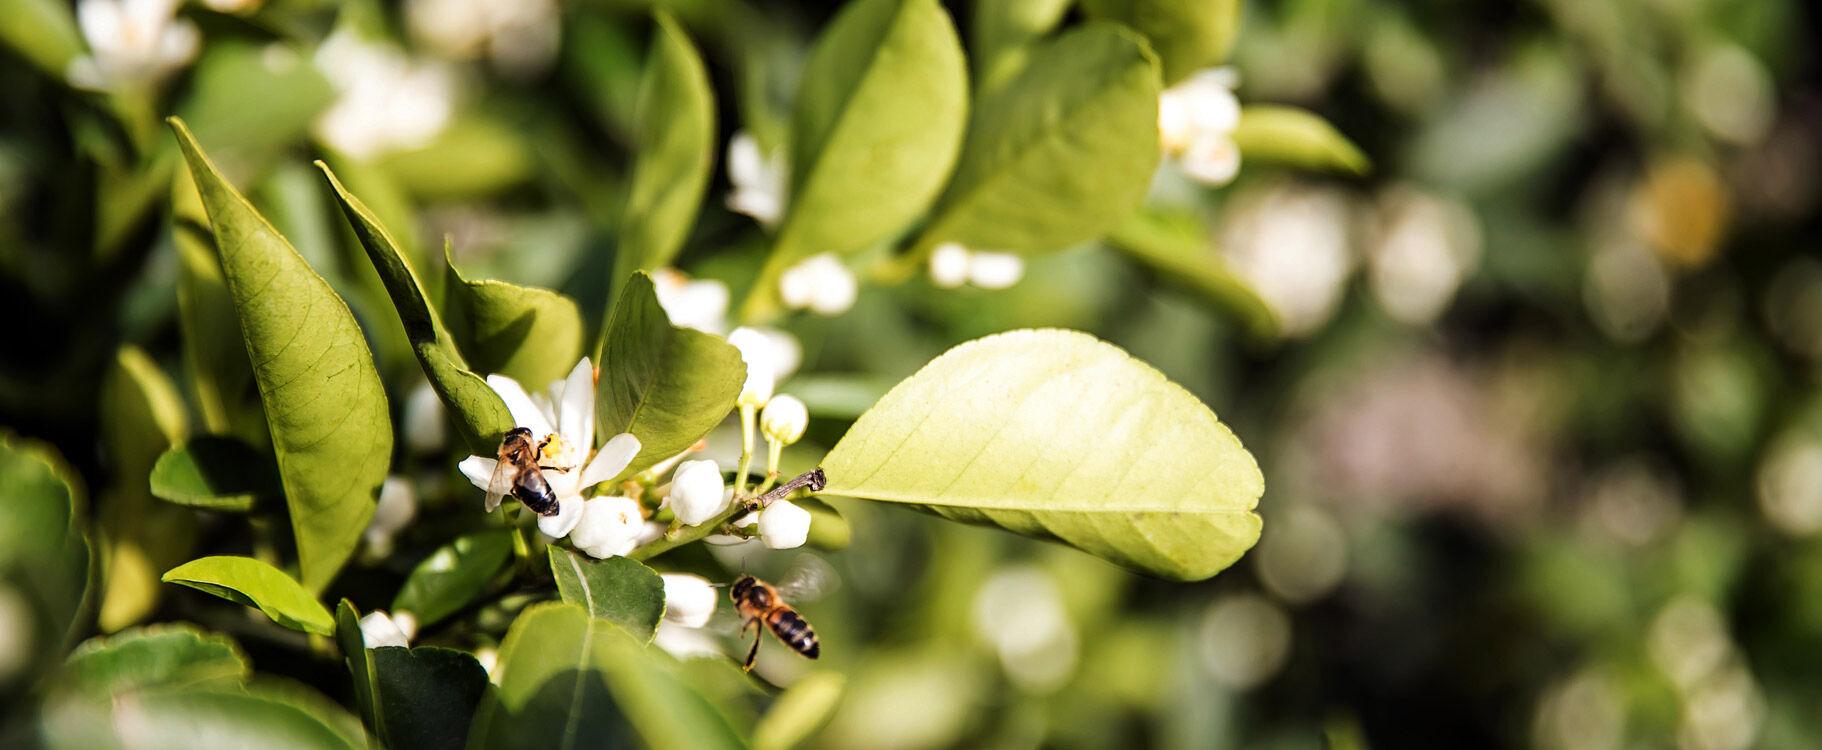 vito-giambo-piante-produzione